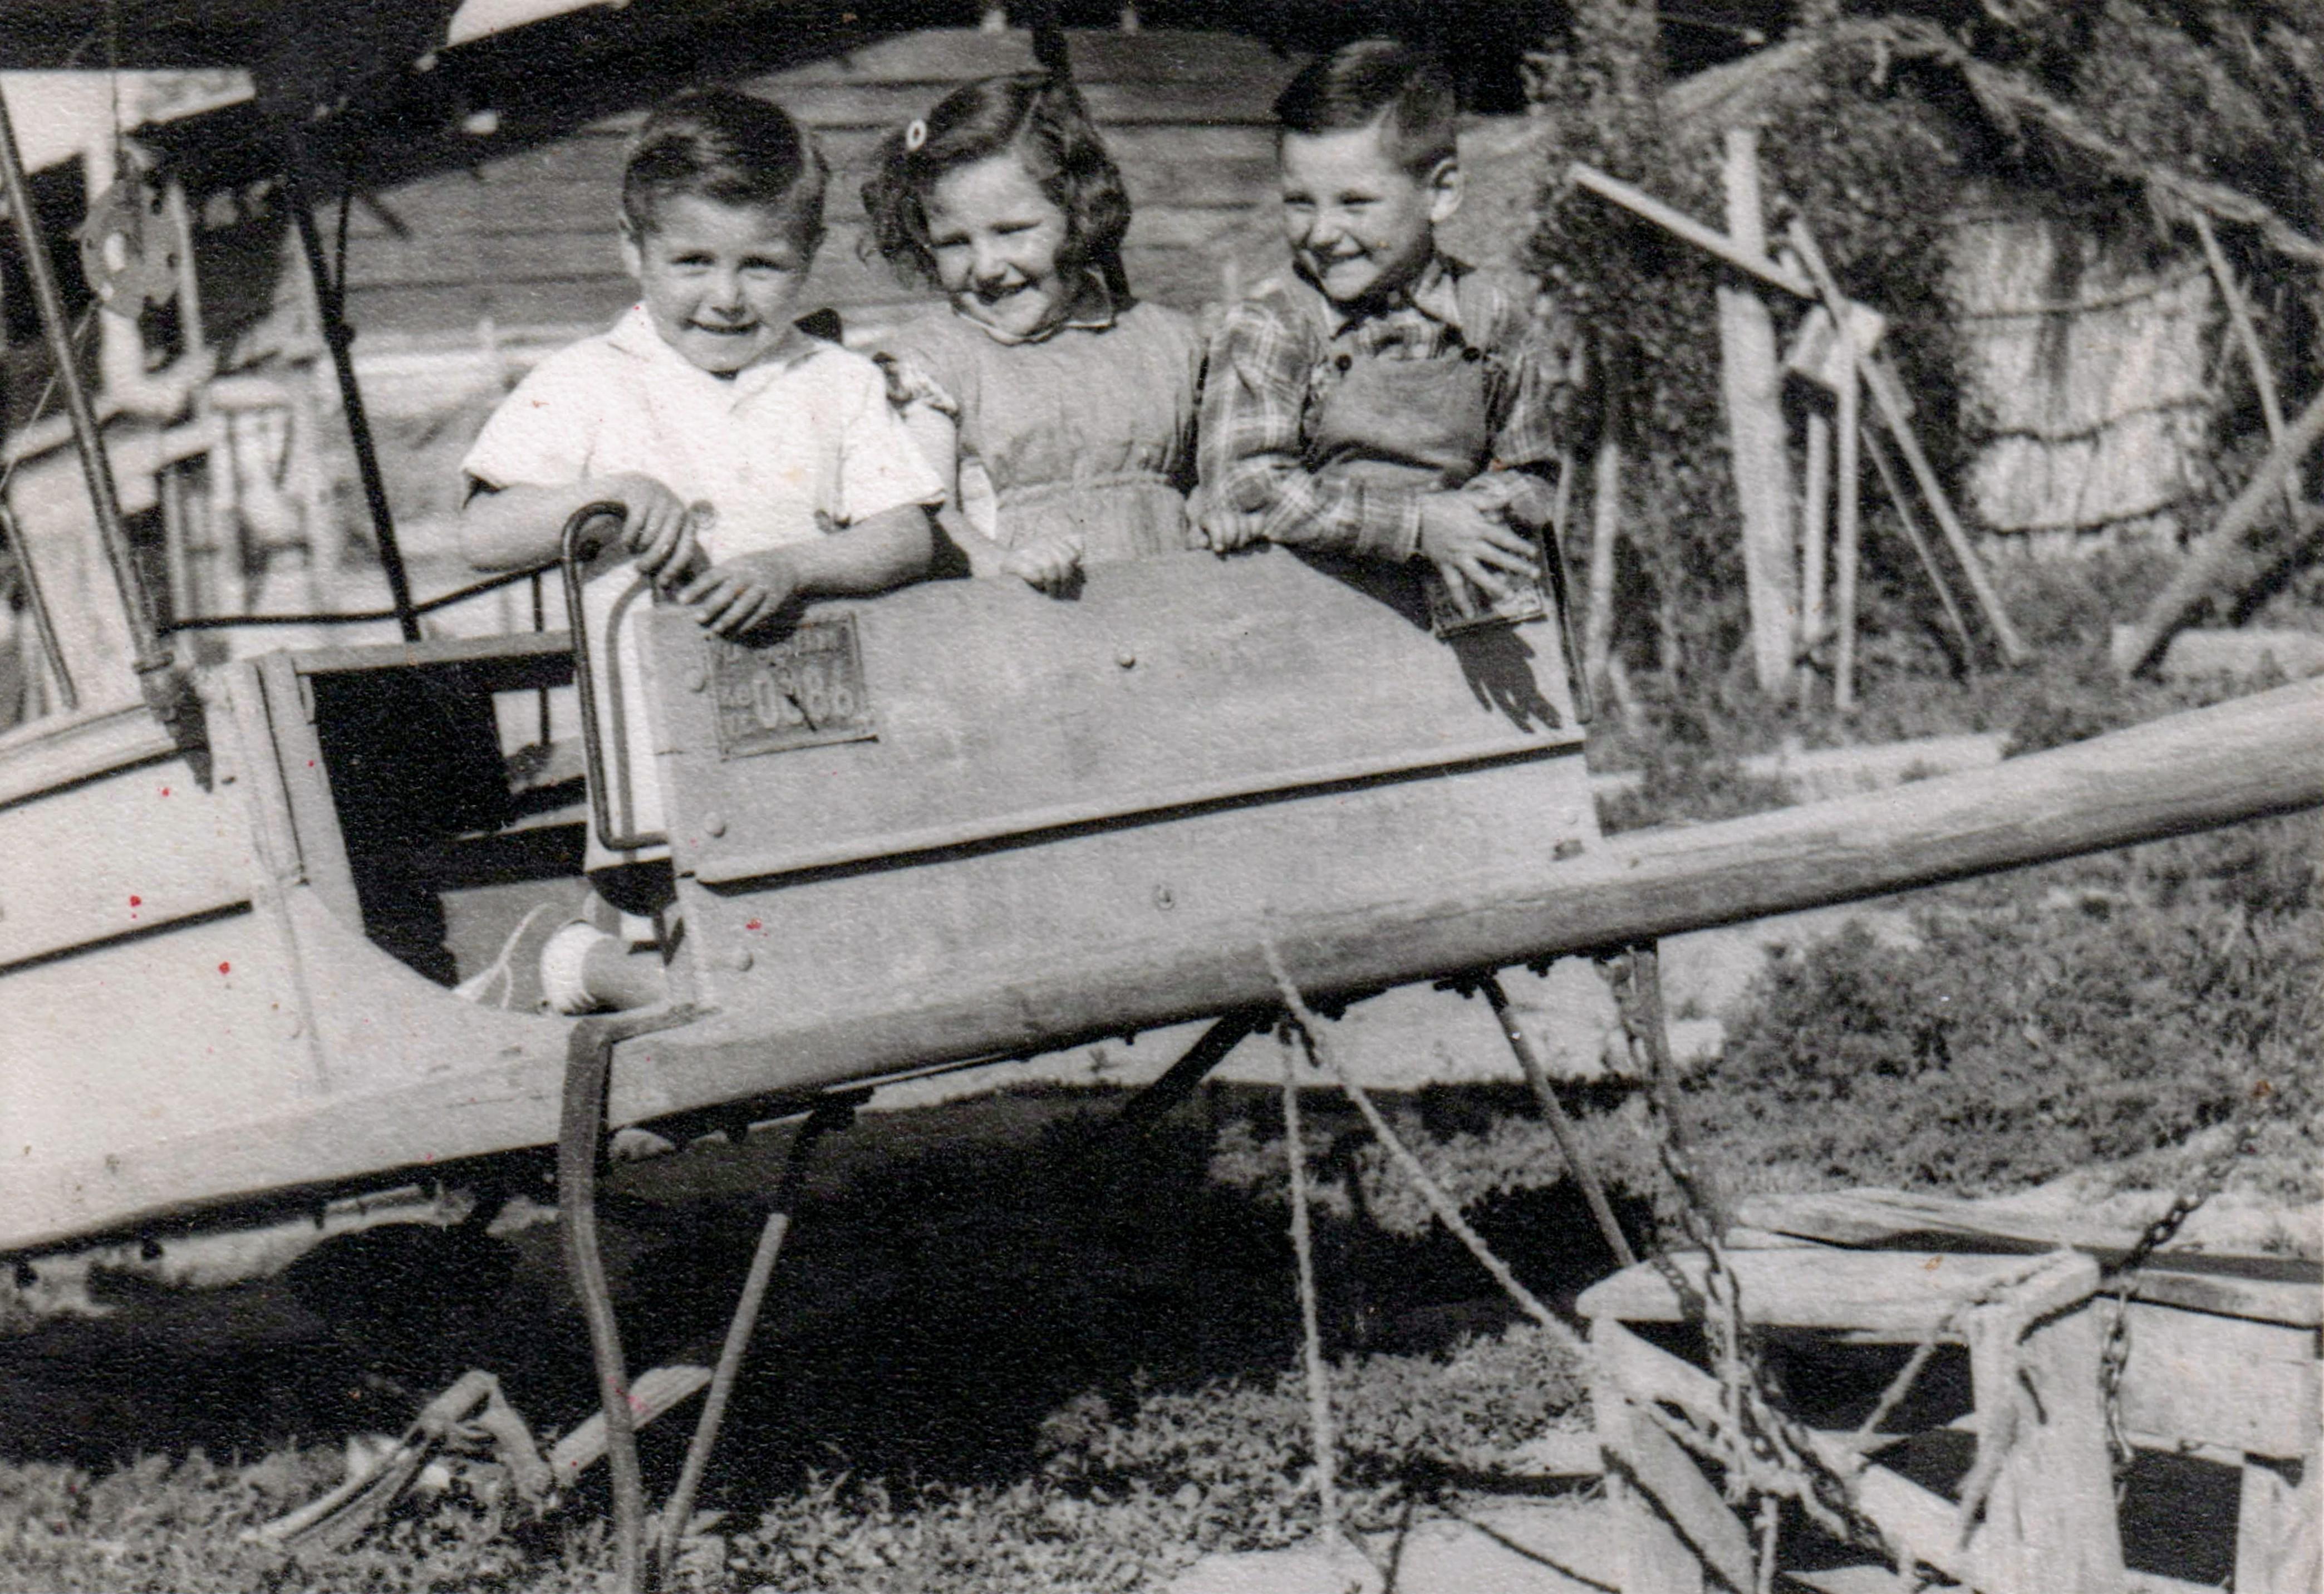 Enterreno - Fotos históricas de chile - fotos antiguas de Chile - Niños jugando, 1950s